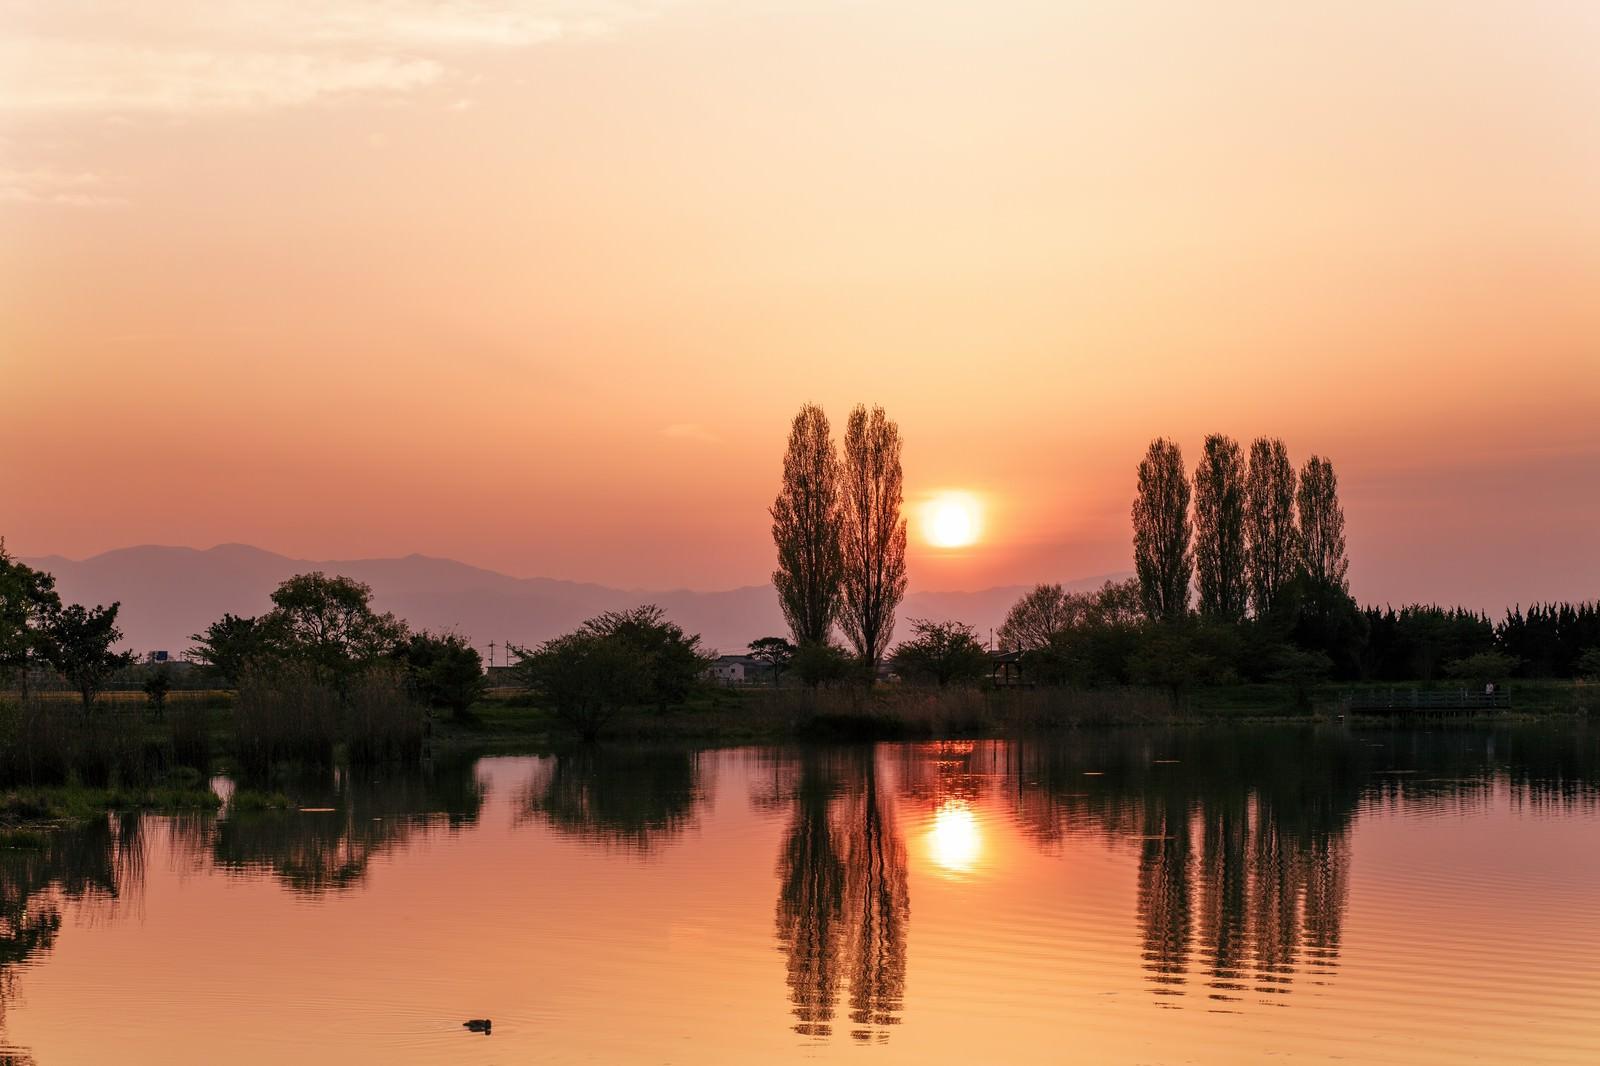 「オレンジ色の水面オレンジ色の水面」のフリー写真素材を拡大